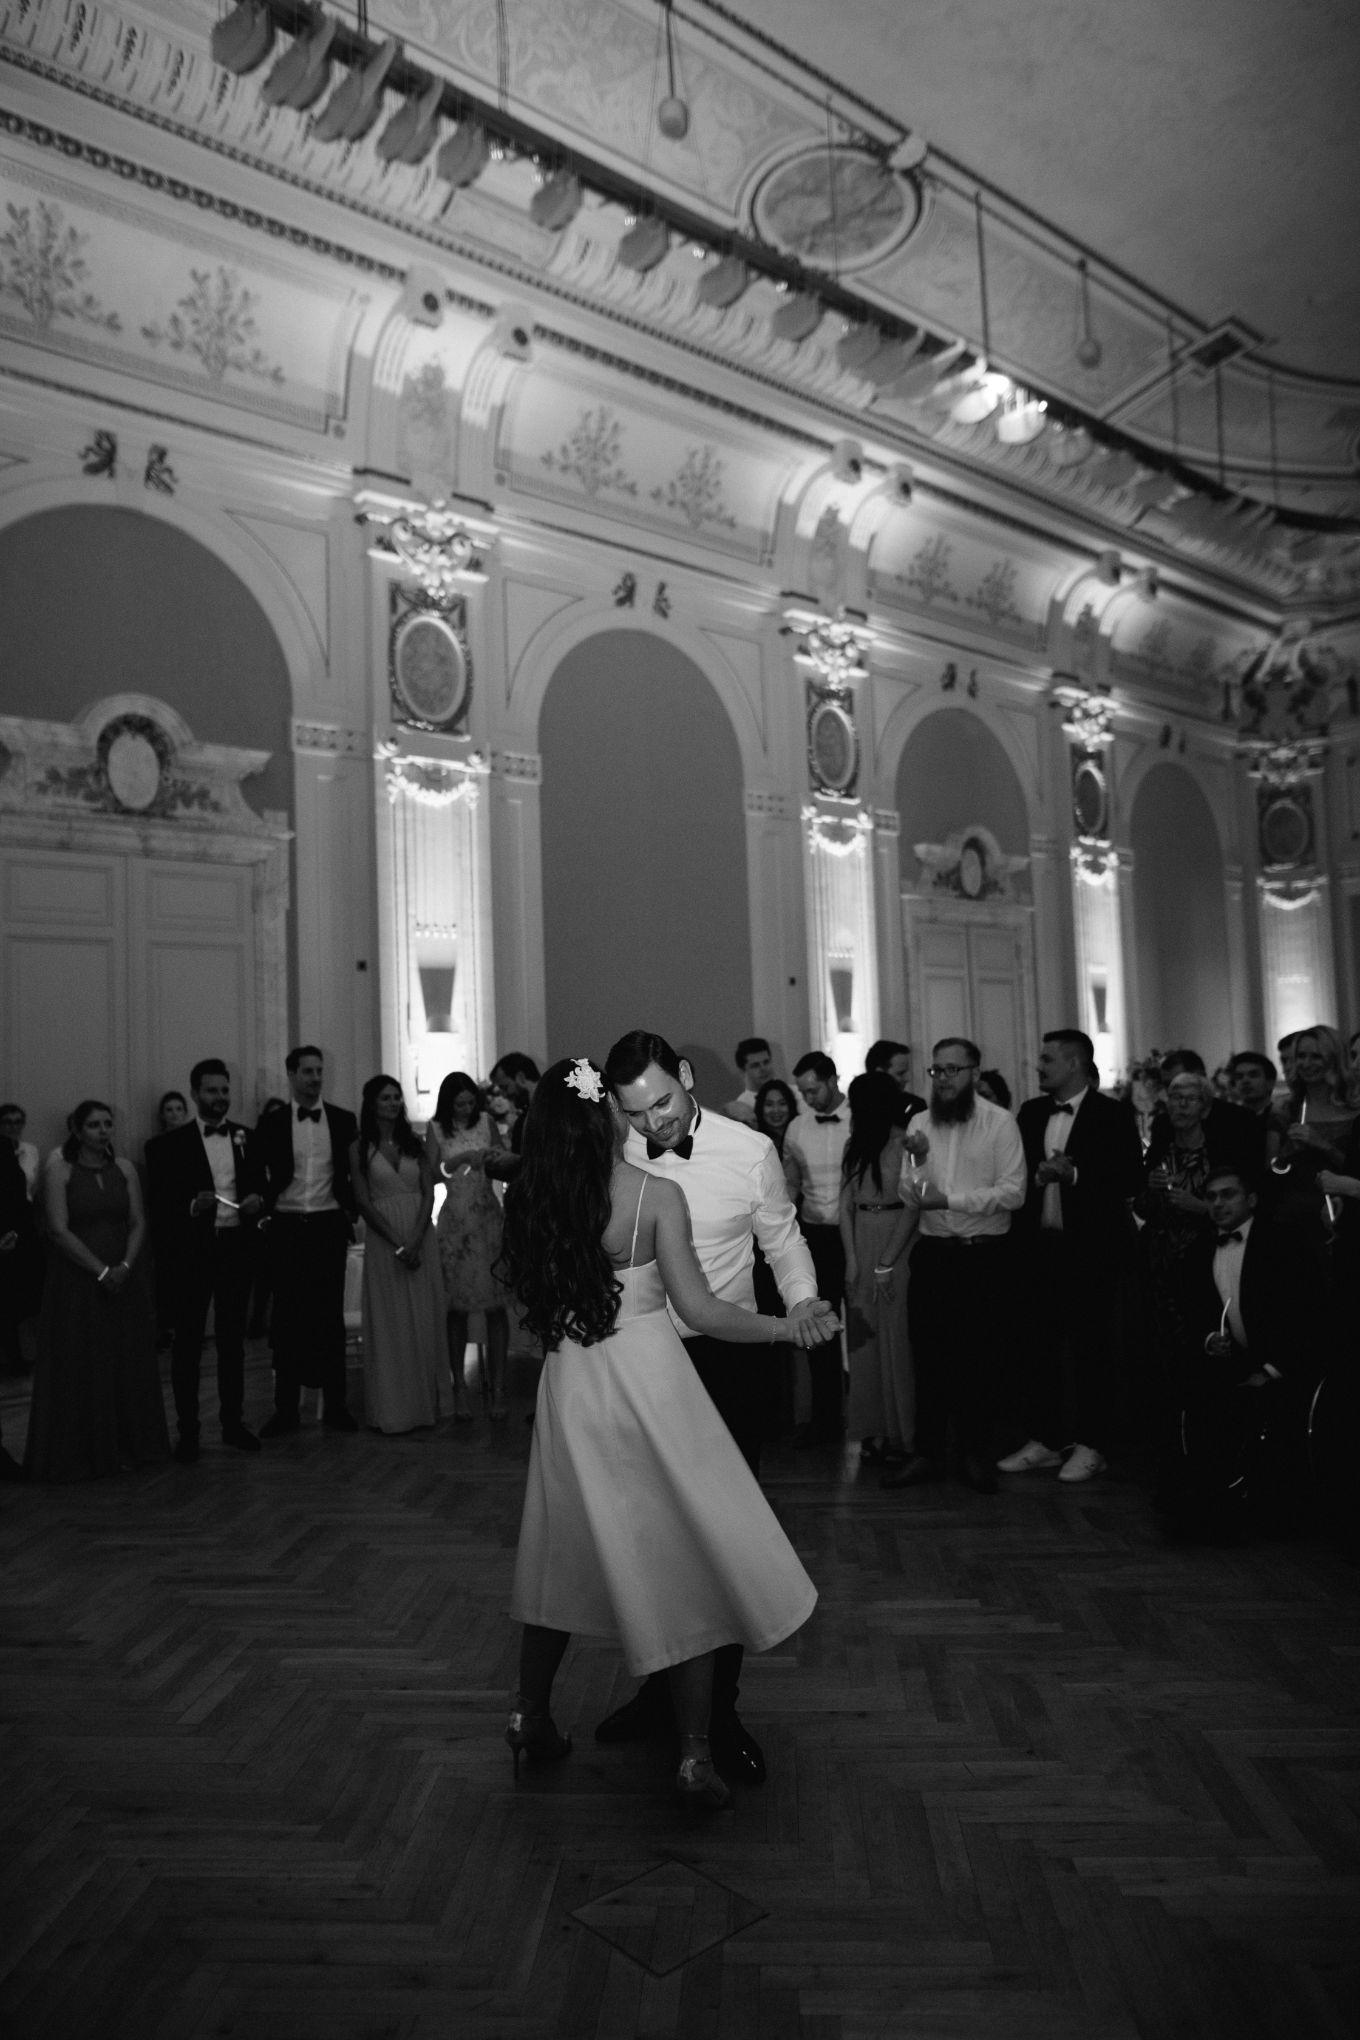 Hochzeit-Historische-Stadthalle-Wuppertal-The-Saums-KN-73.jpg